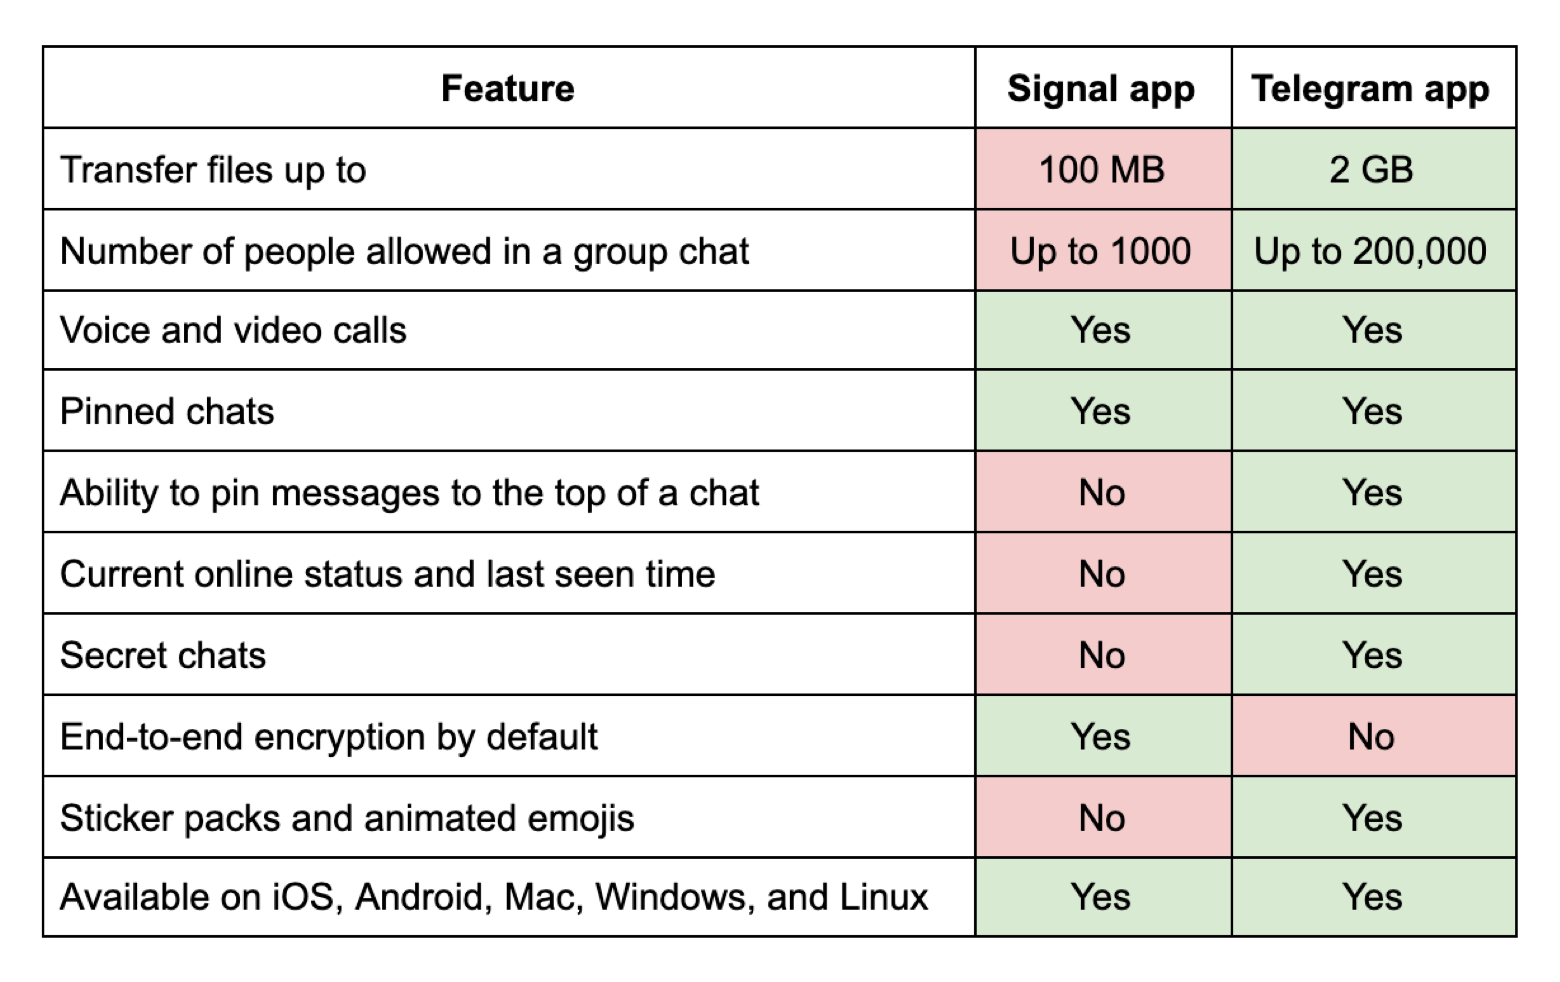 Signal vs Telegram features